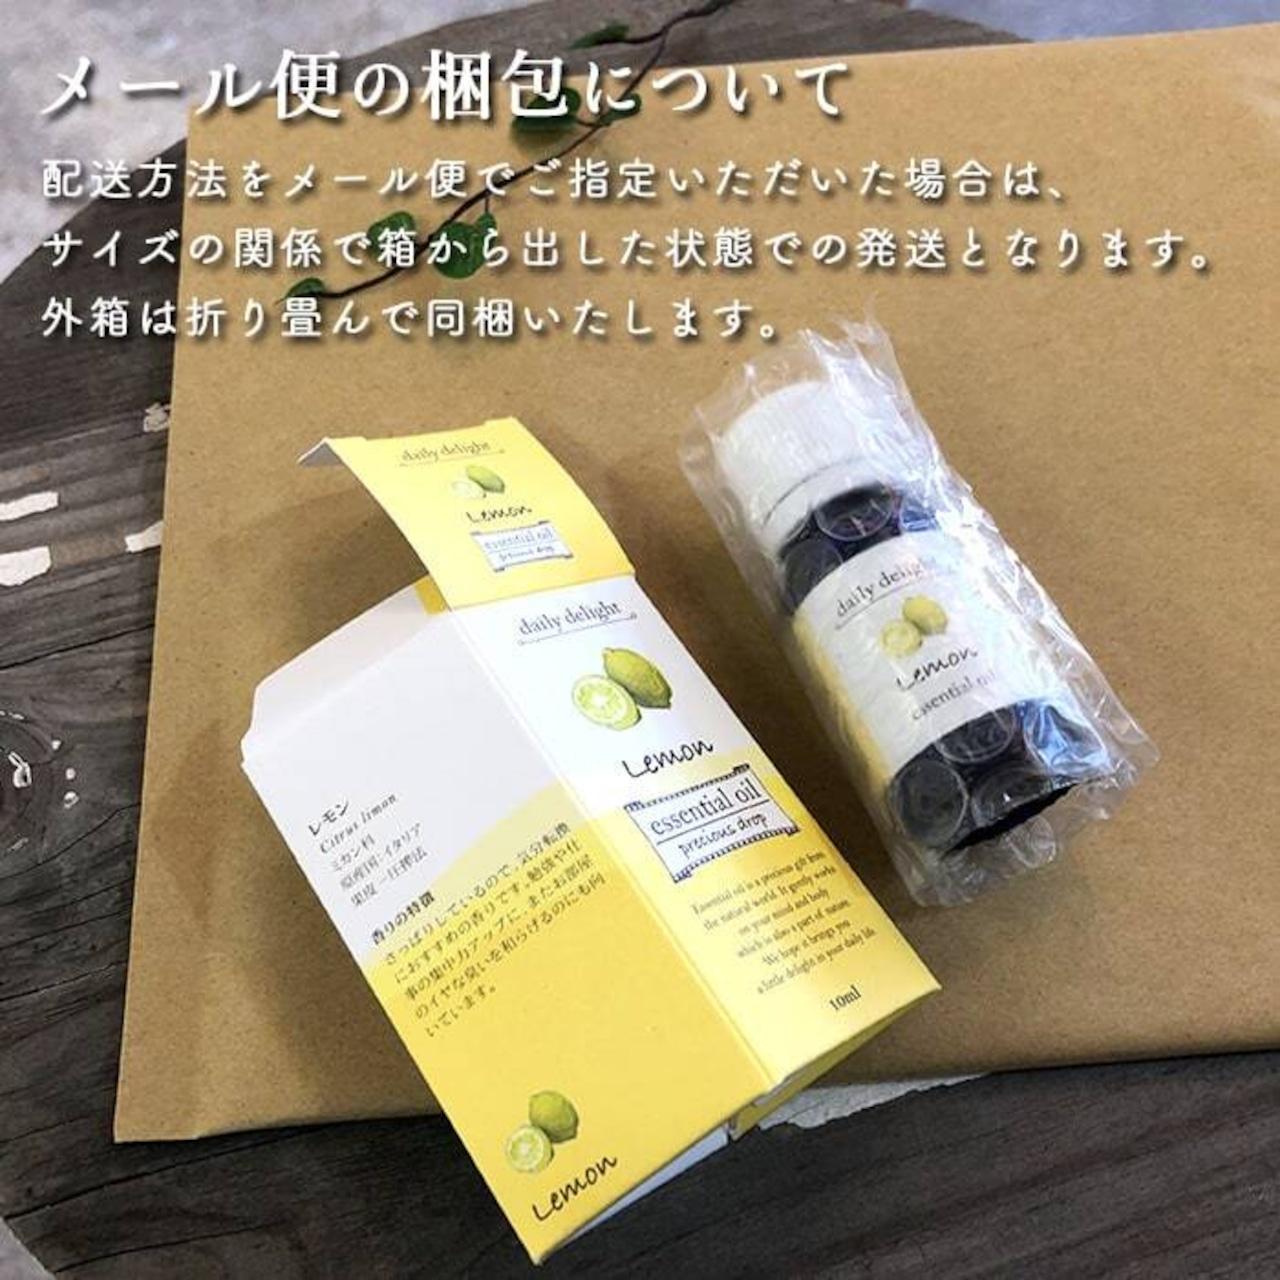 【daily delight】グレープフルーツ エッセンシャルオイル